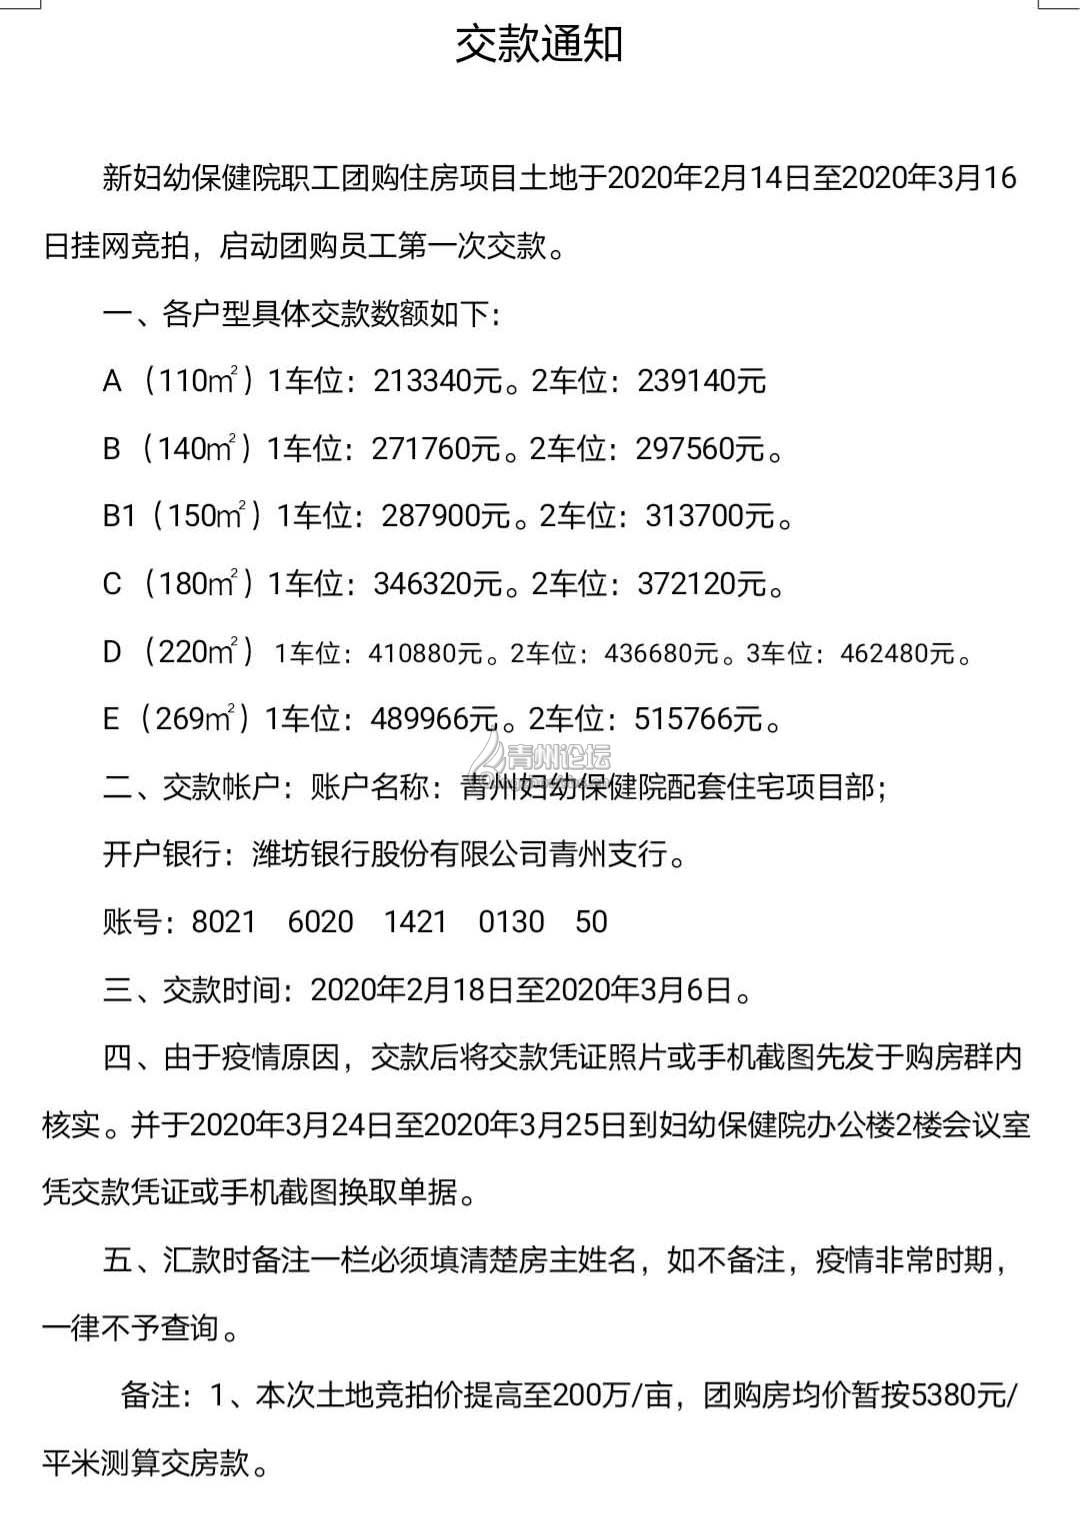 青州新婦幼保健院職工住房價格出來啦,開始交錢了!